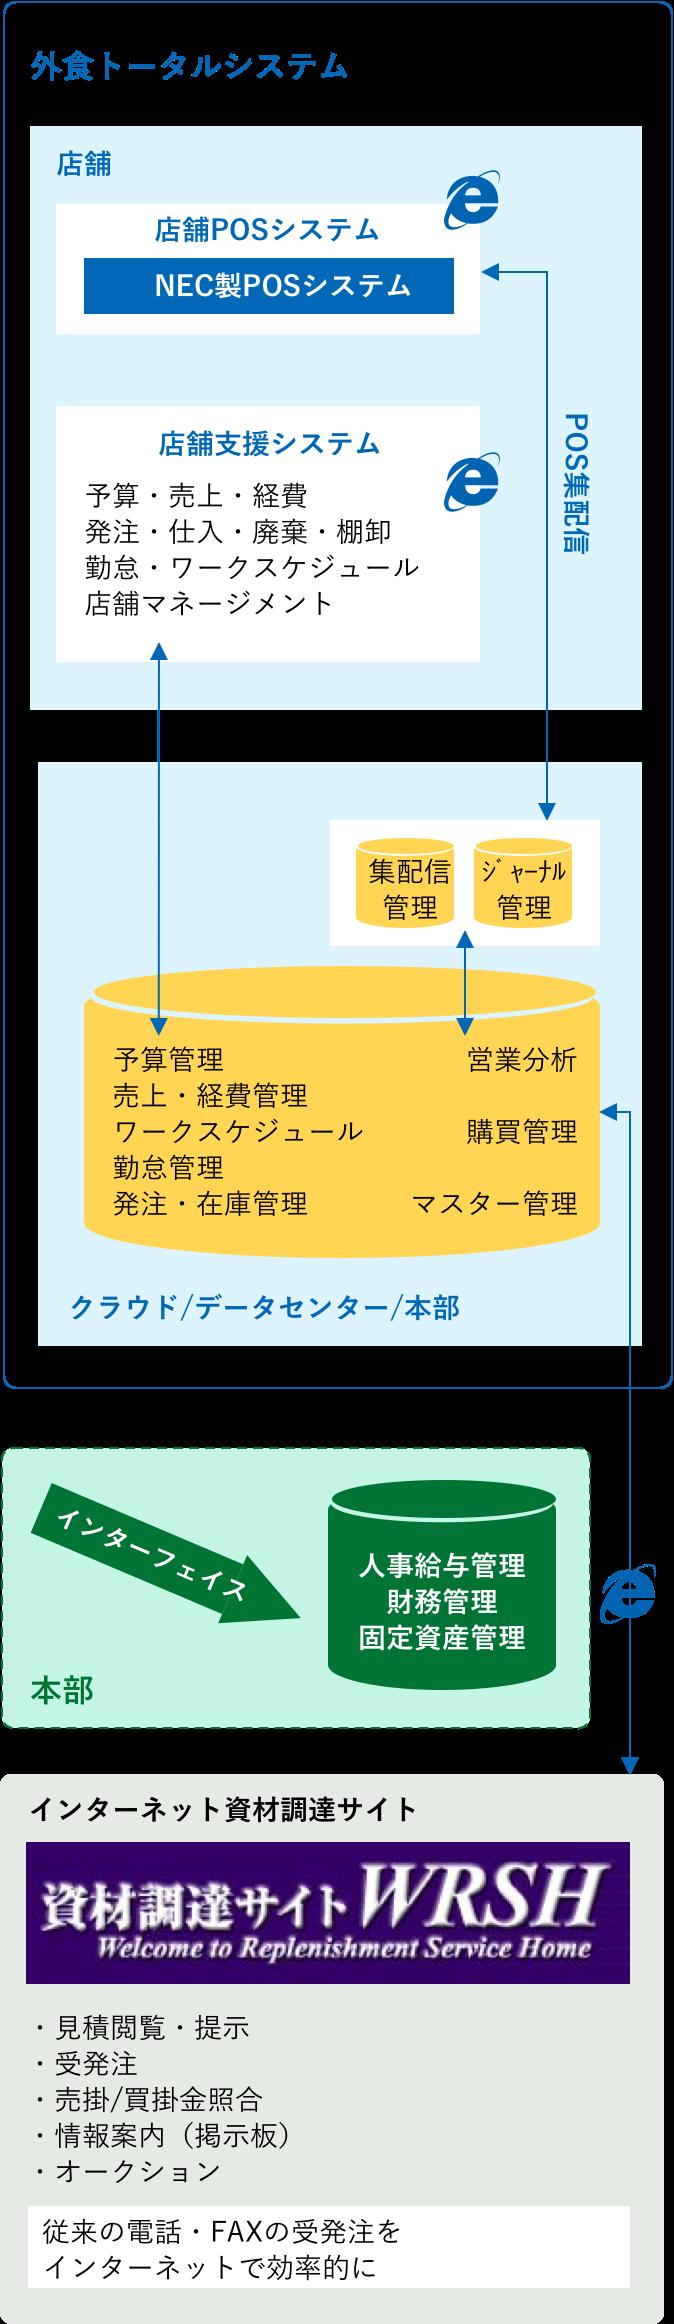 外食業向けソリューションマップ